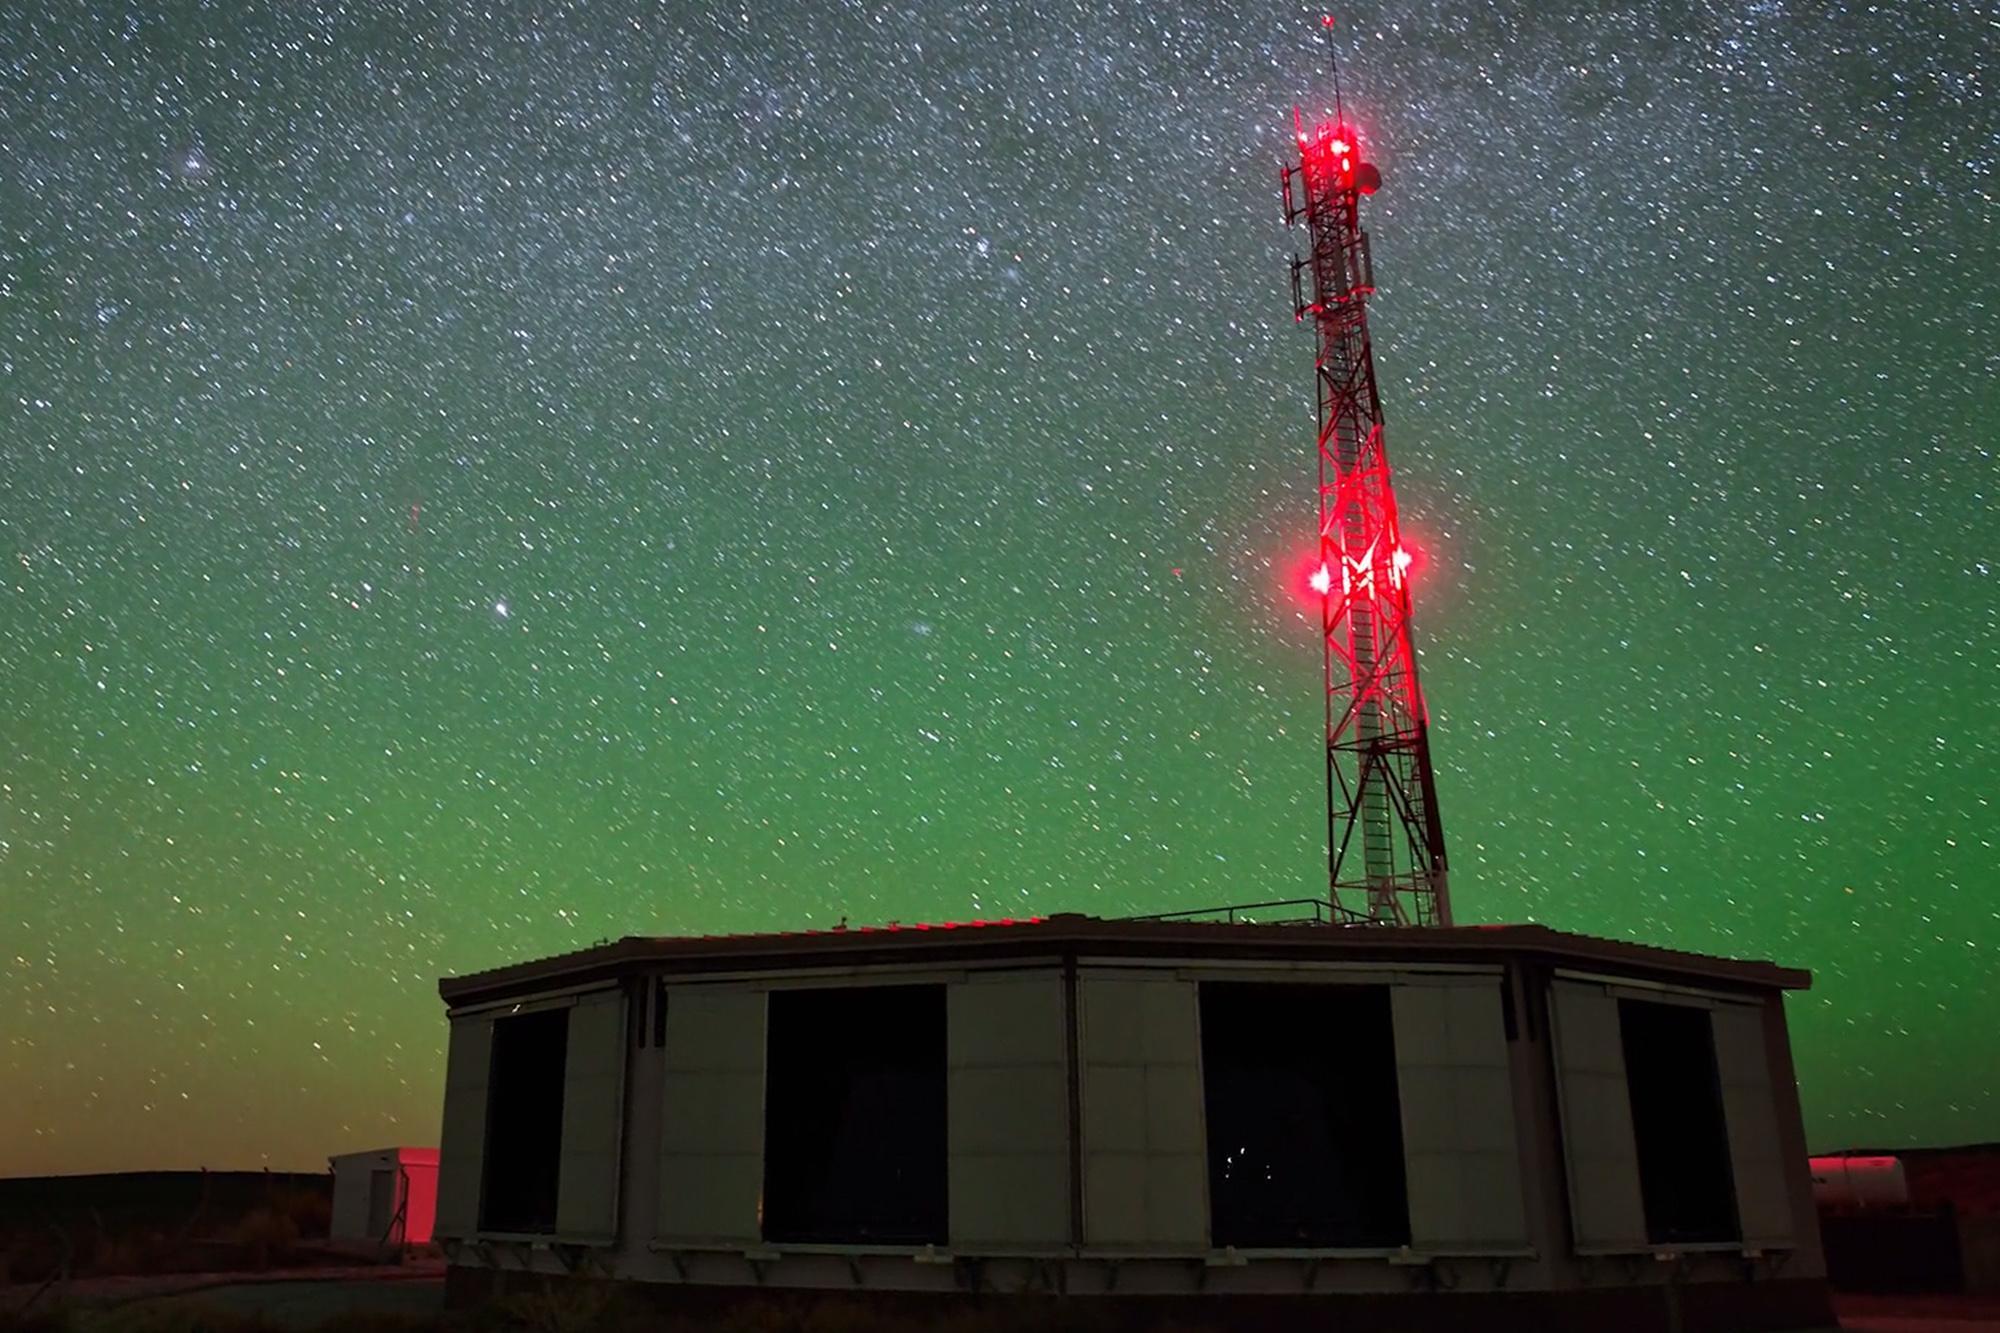 Imaginea apartine Observatorului Pierre Auger (http://www.auger.org/)